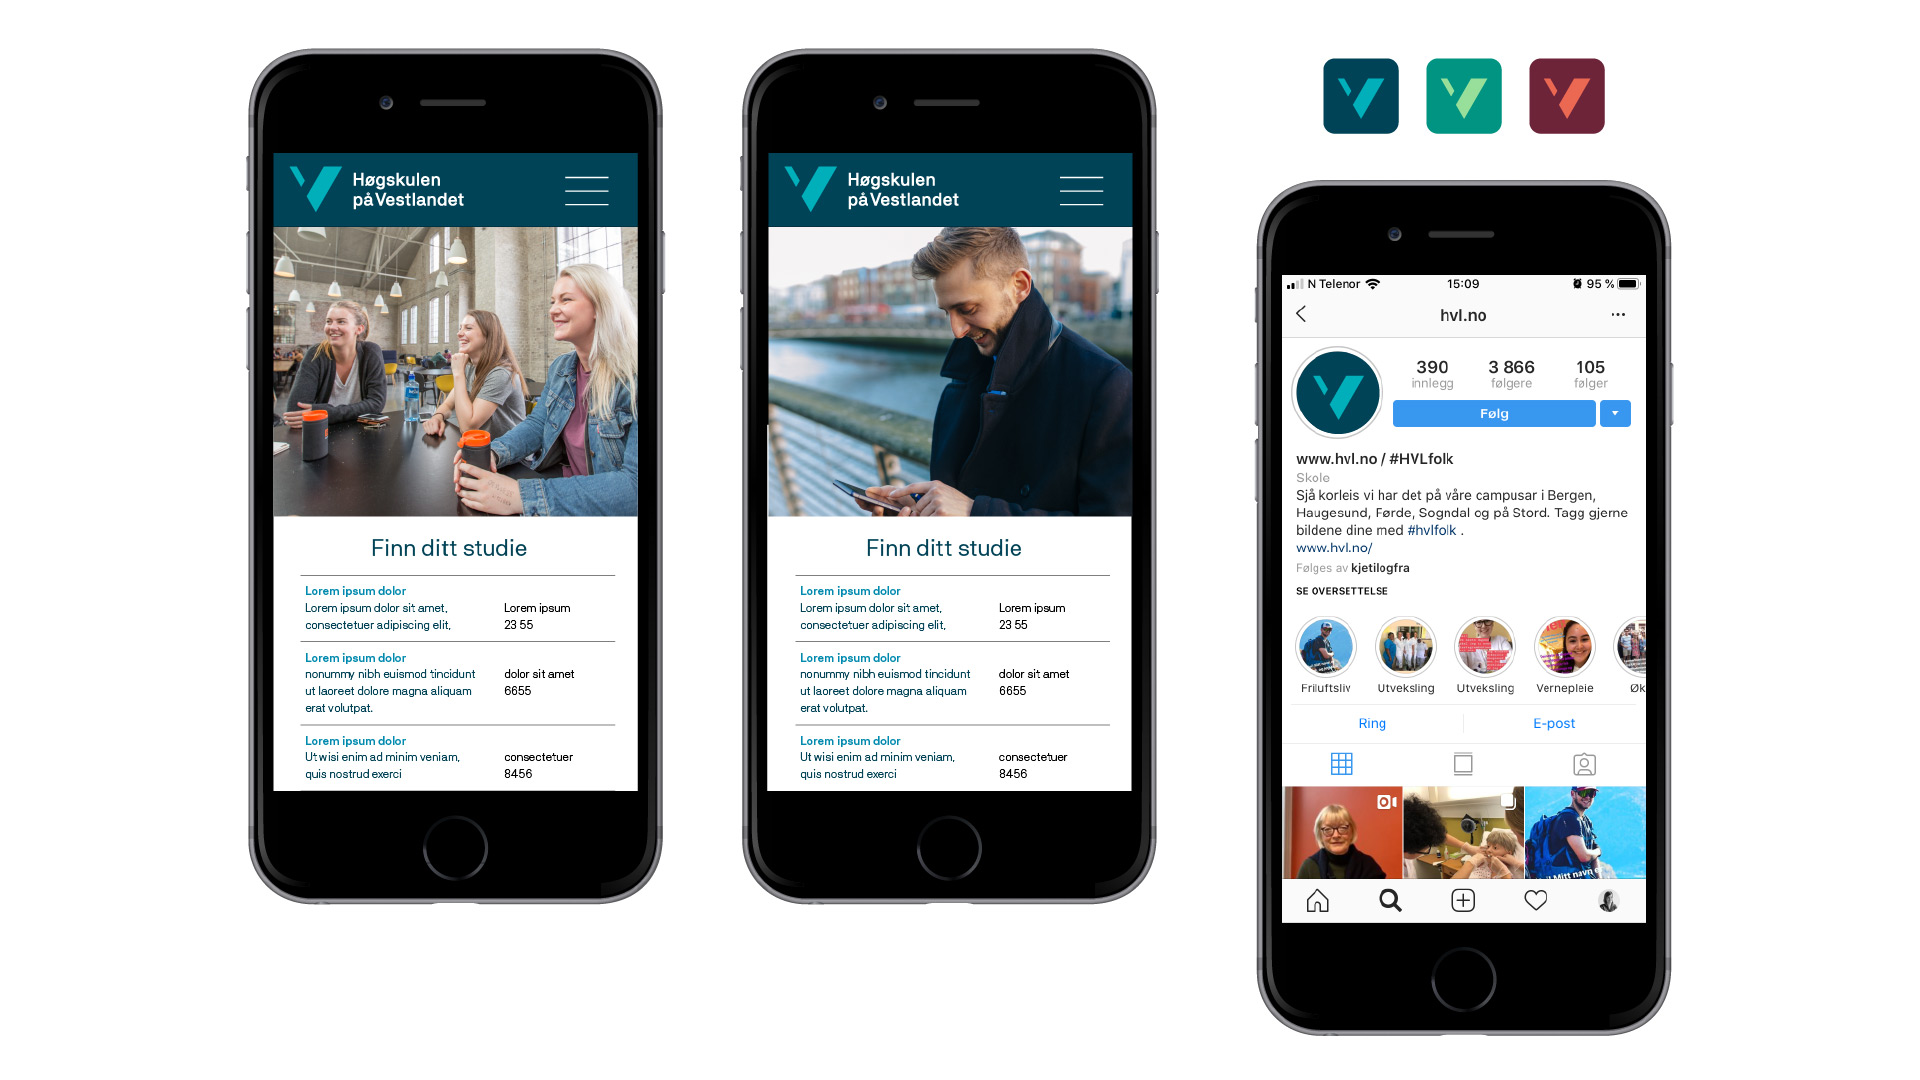 Høgskulen på Vestlandet profil på mobil nettside og instagram